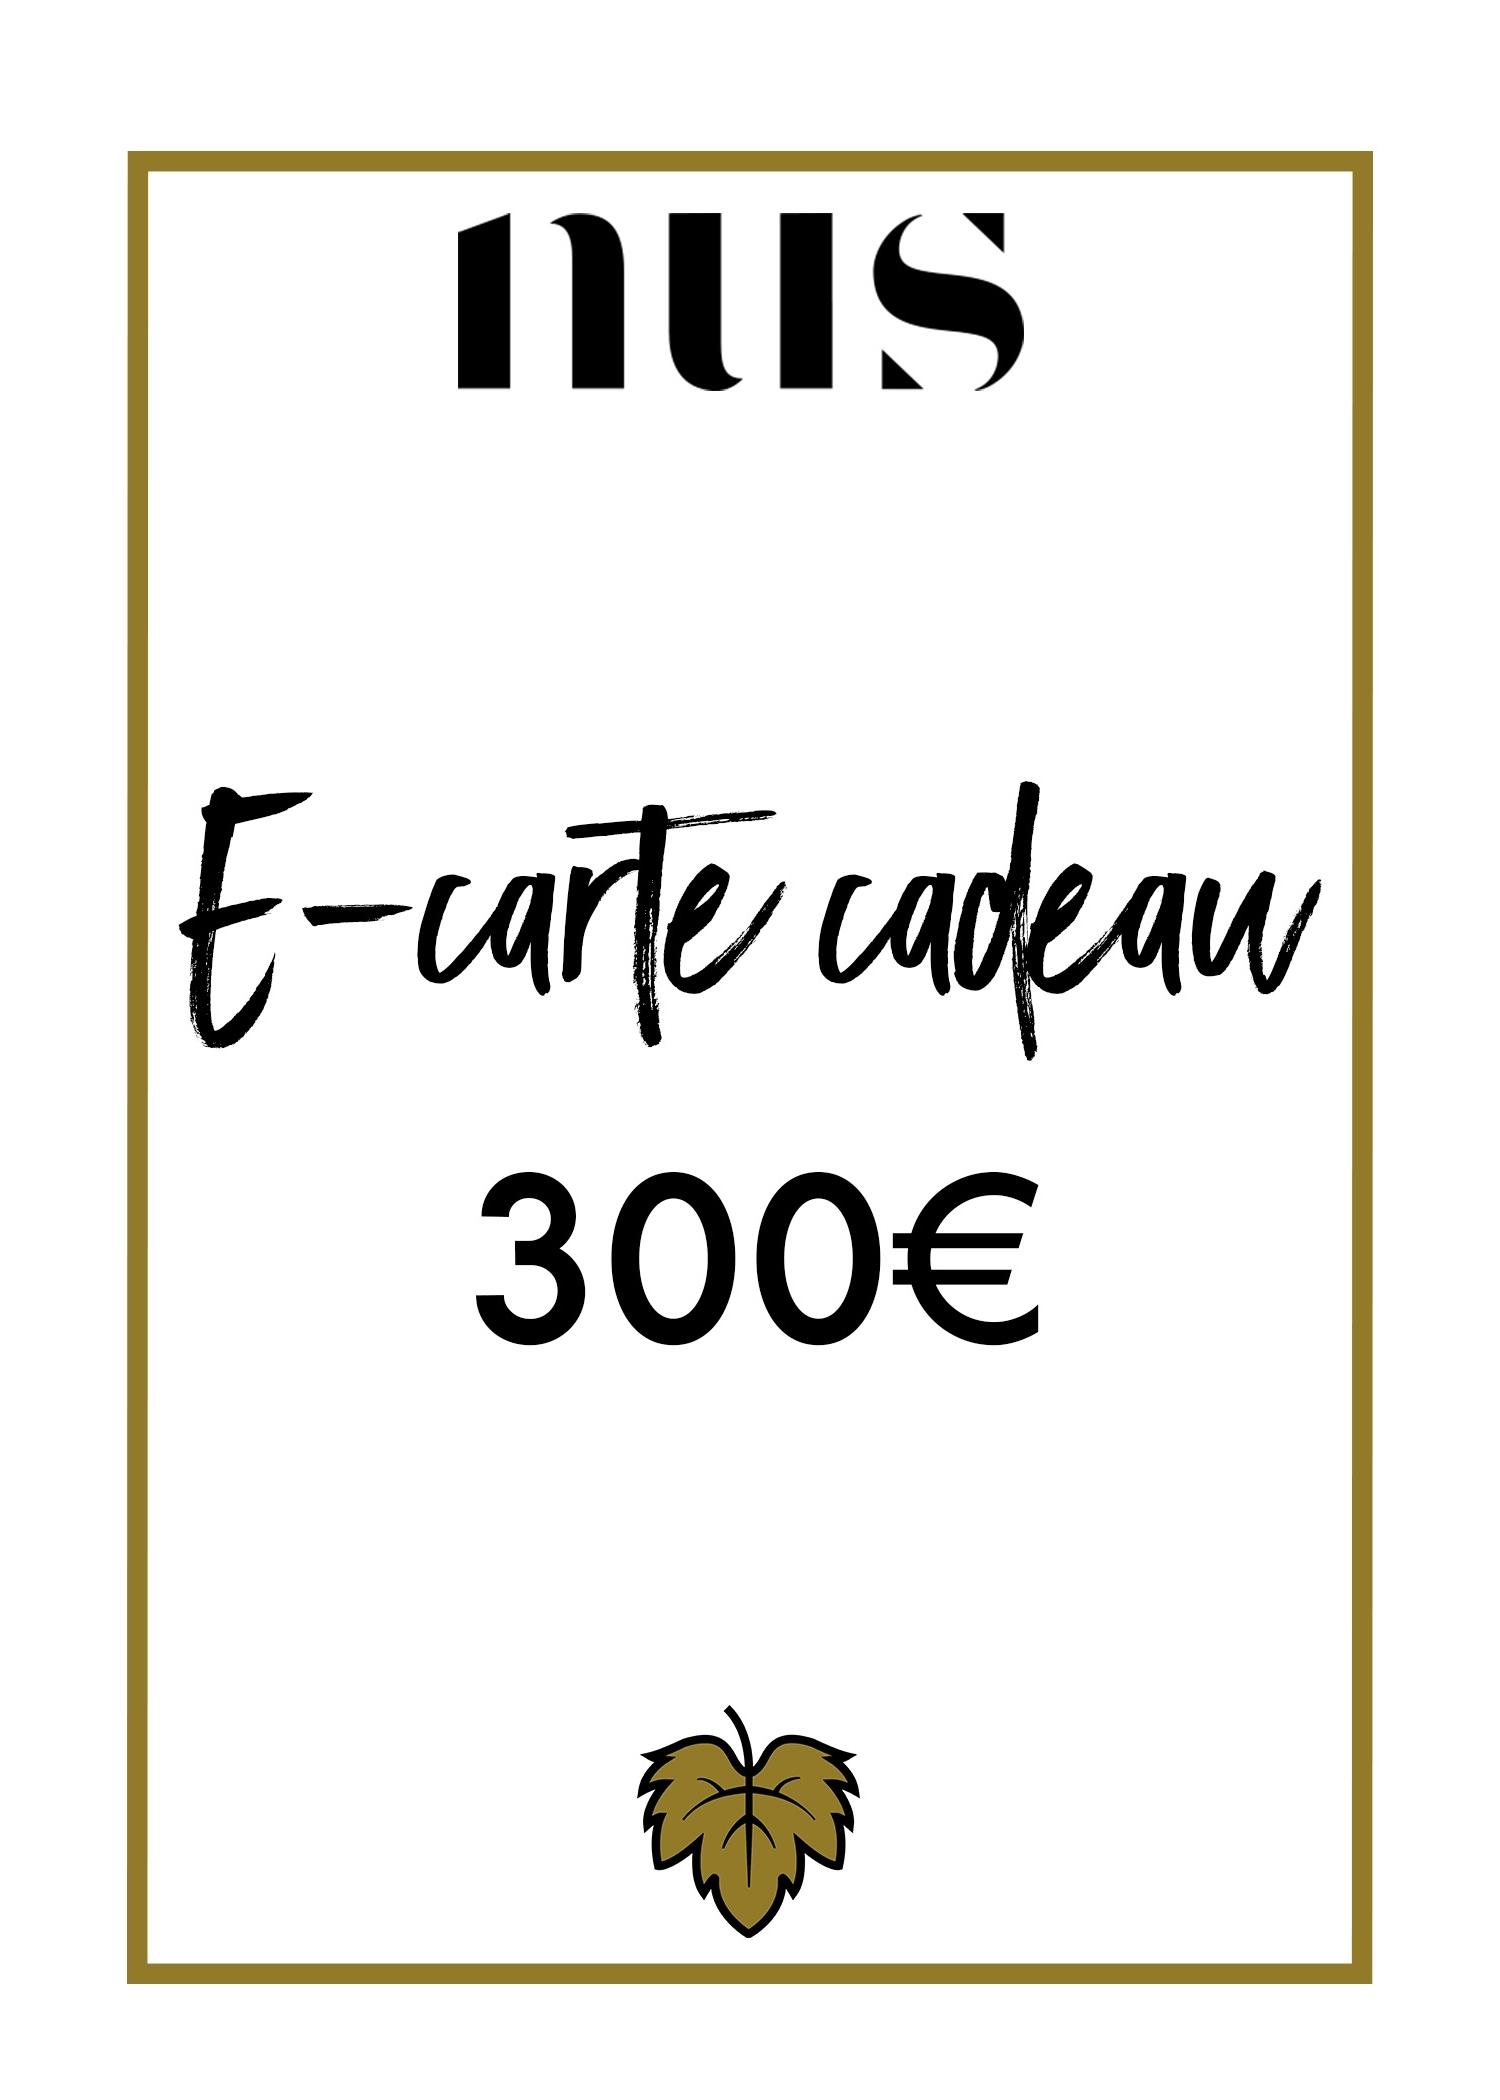 E-CARTE CADEAU 300€